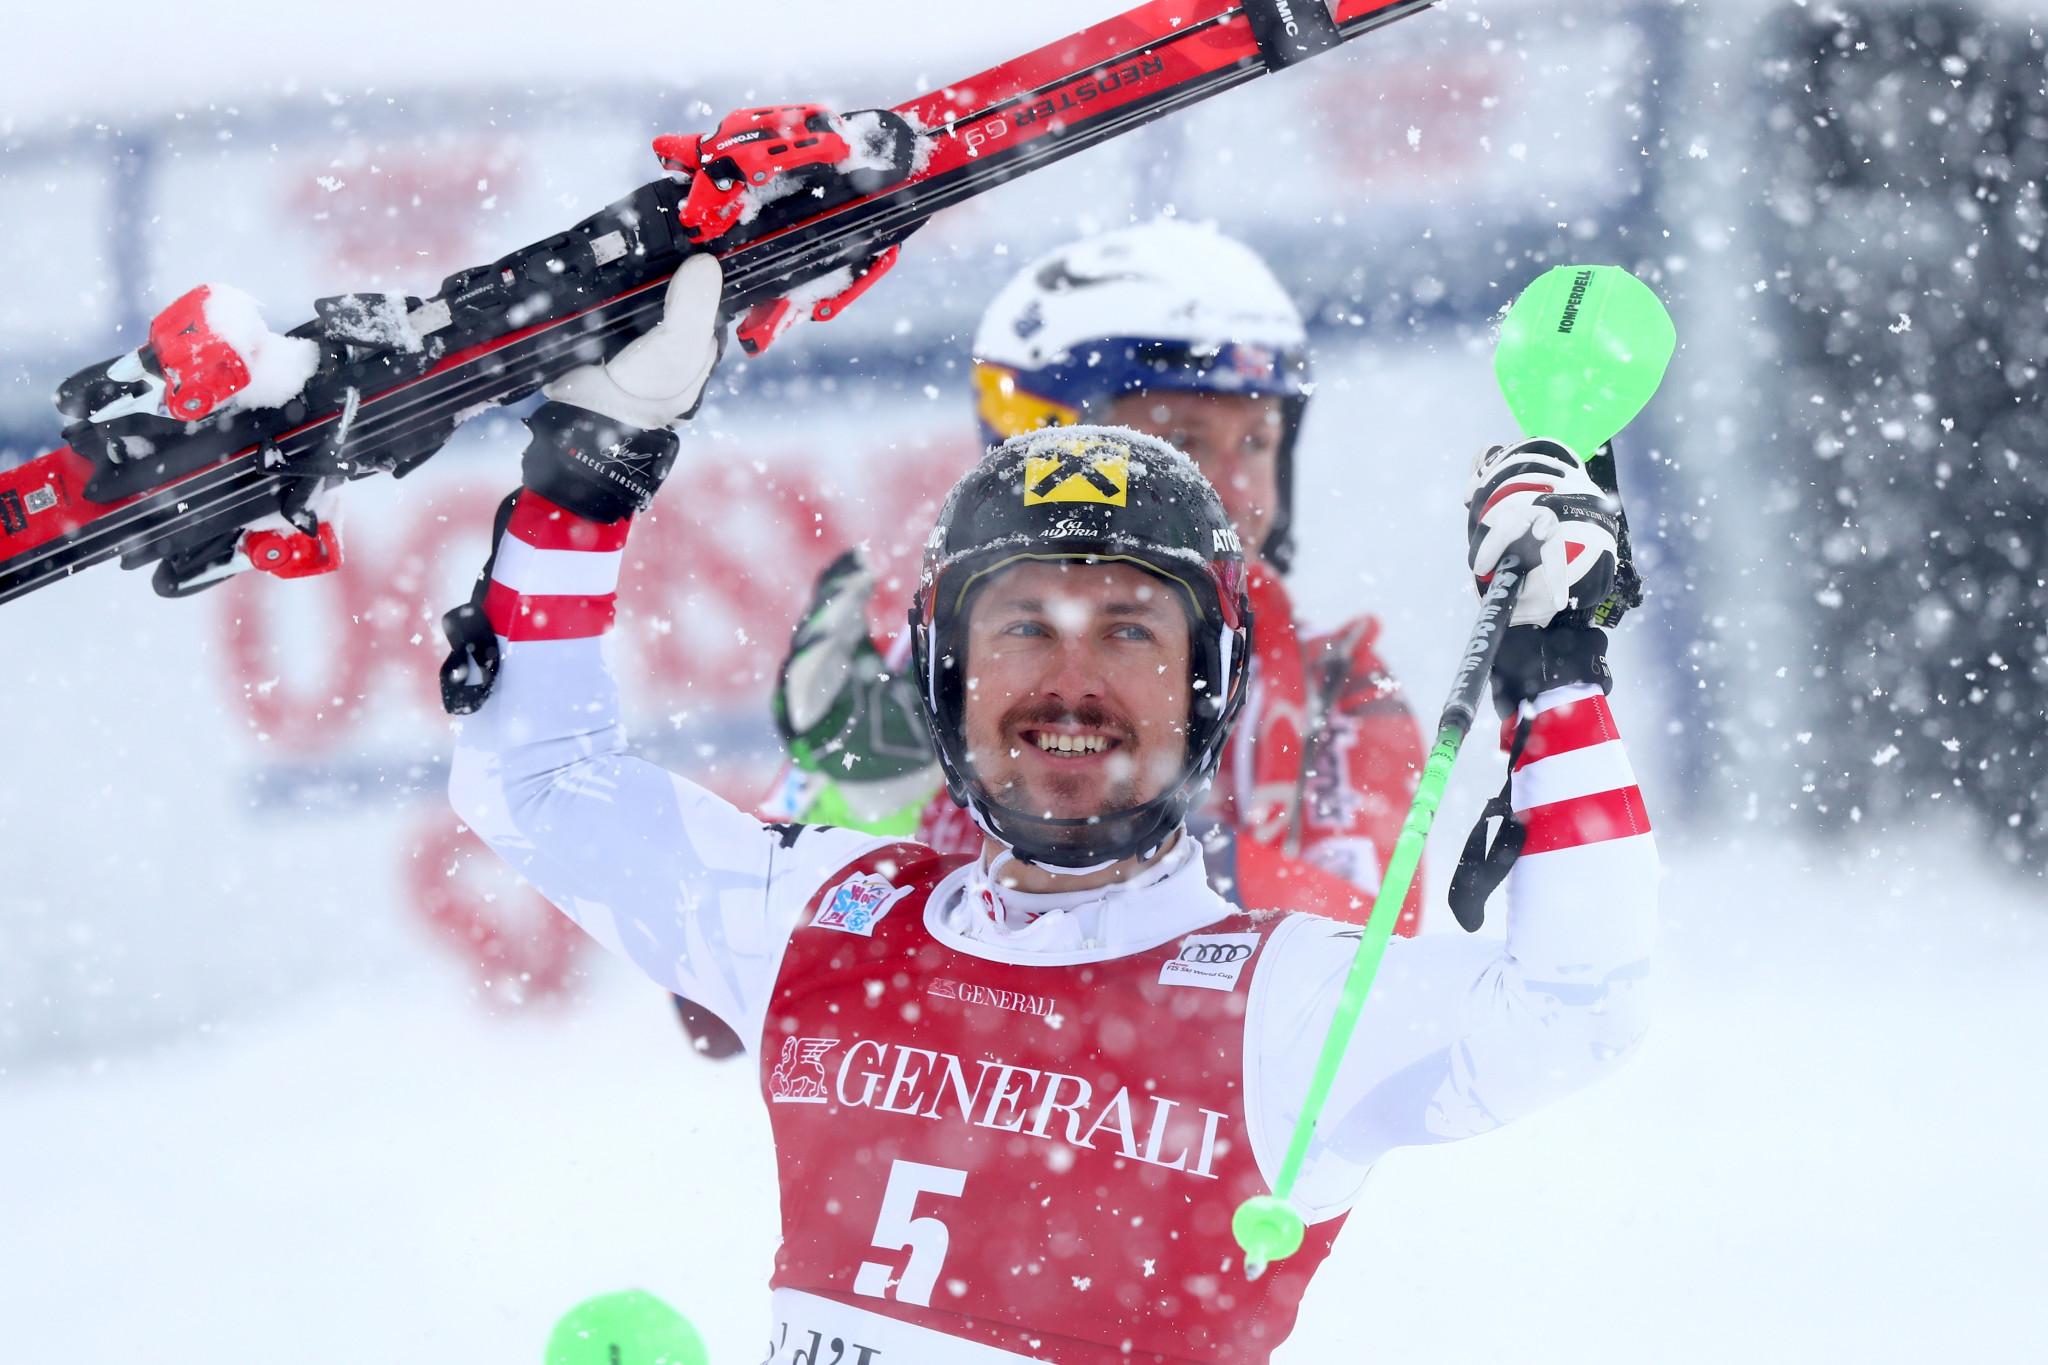 Austrian Hirscher wins FIS Alpine Ski World Cup Men's Slalom in Val-d'Isere